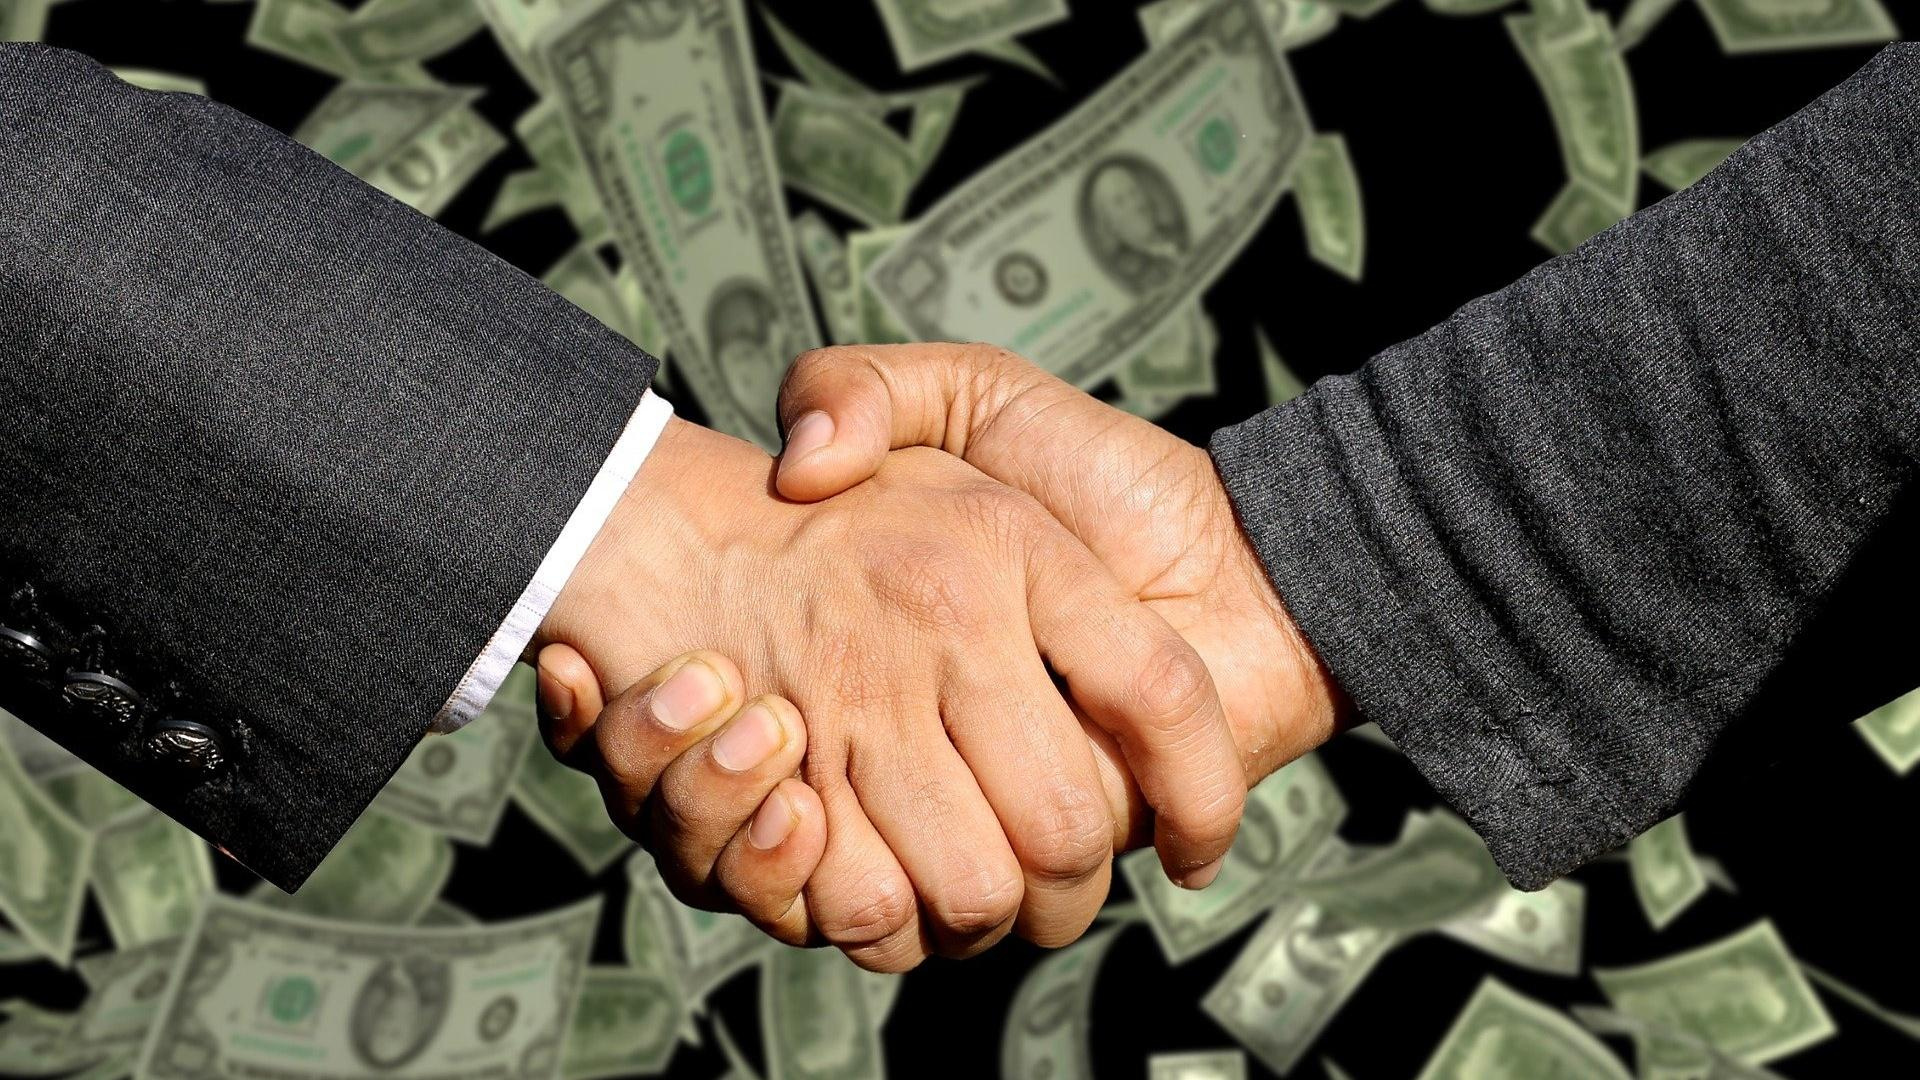 In P2P Kredite zu investieren, birgt wie alle Geldanlagen ein gewisses Risiko.